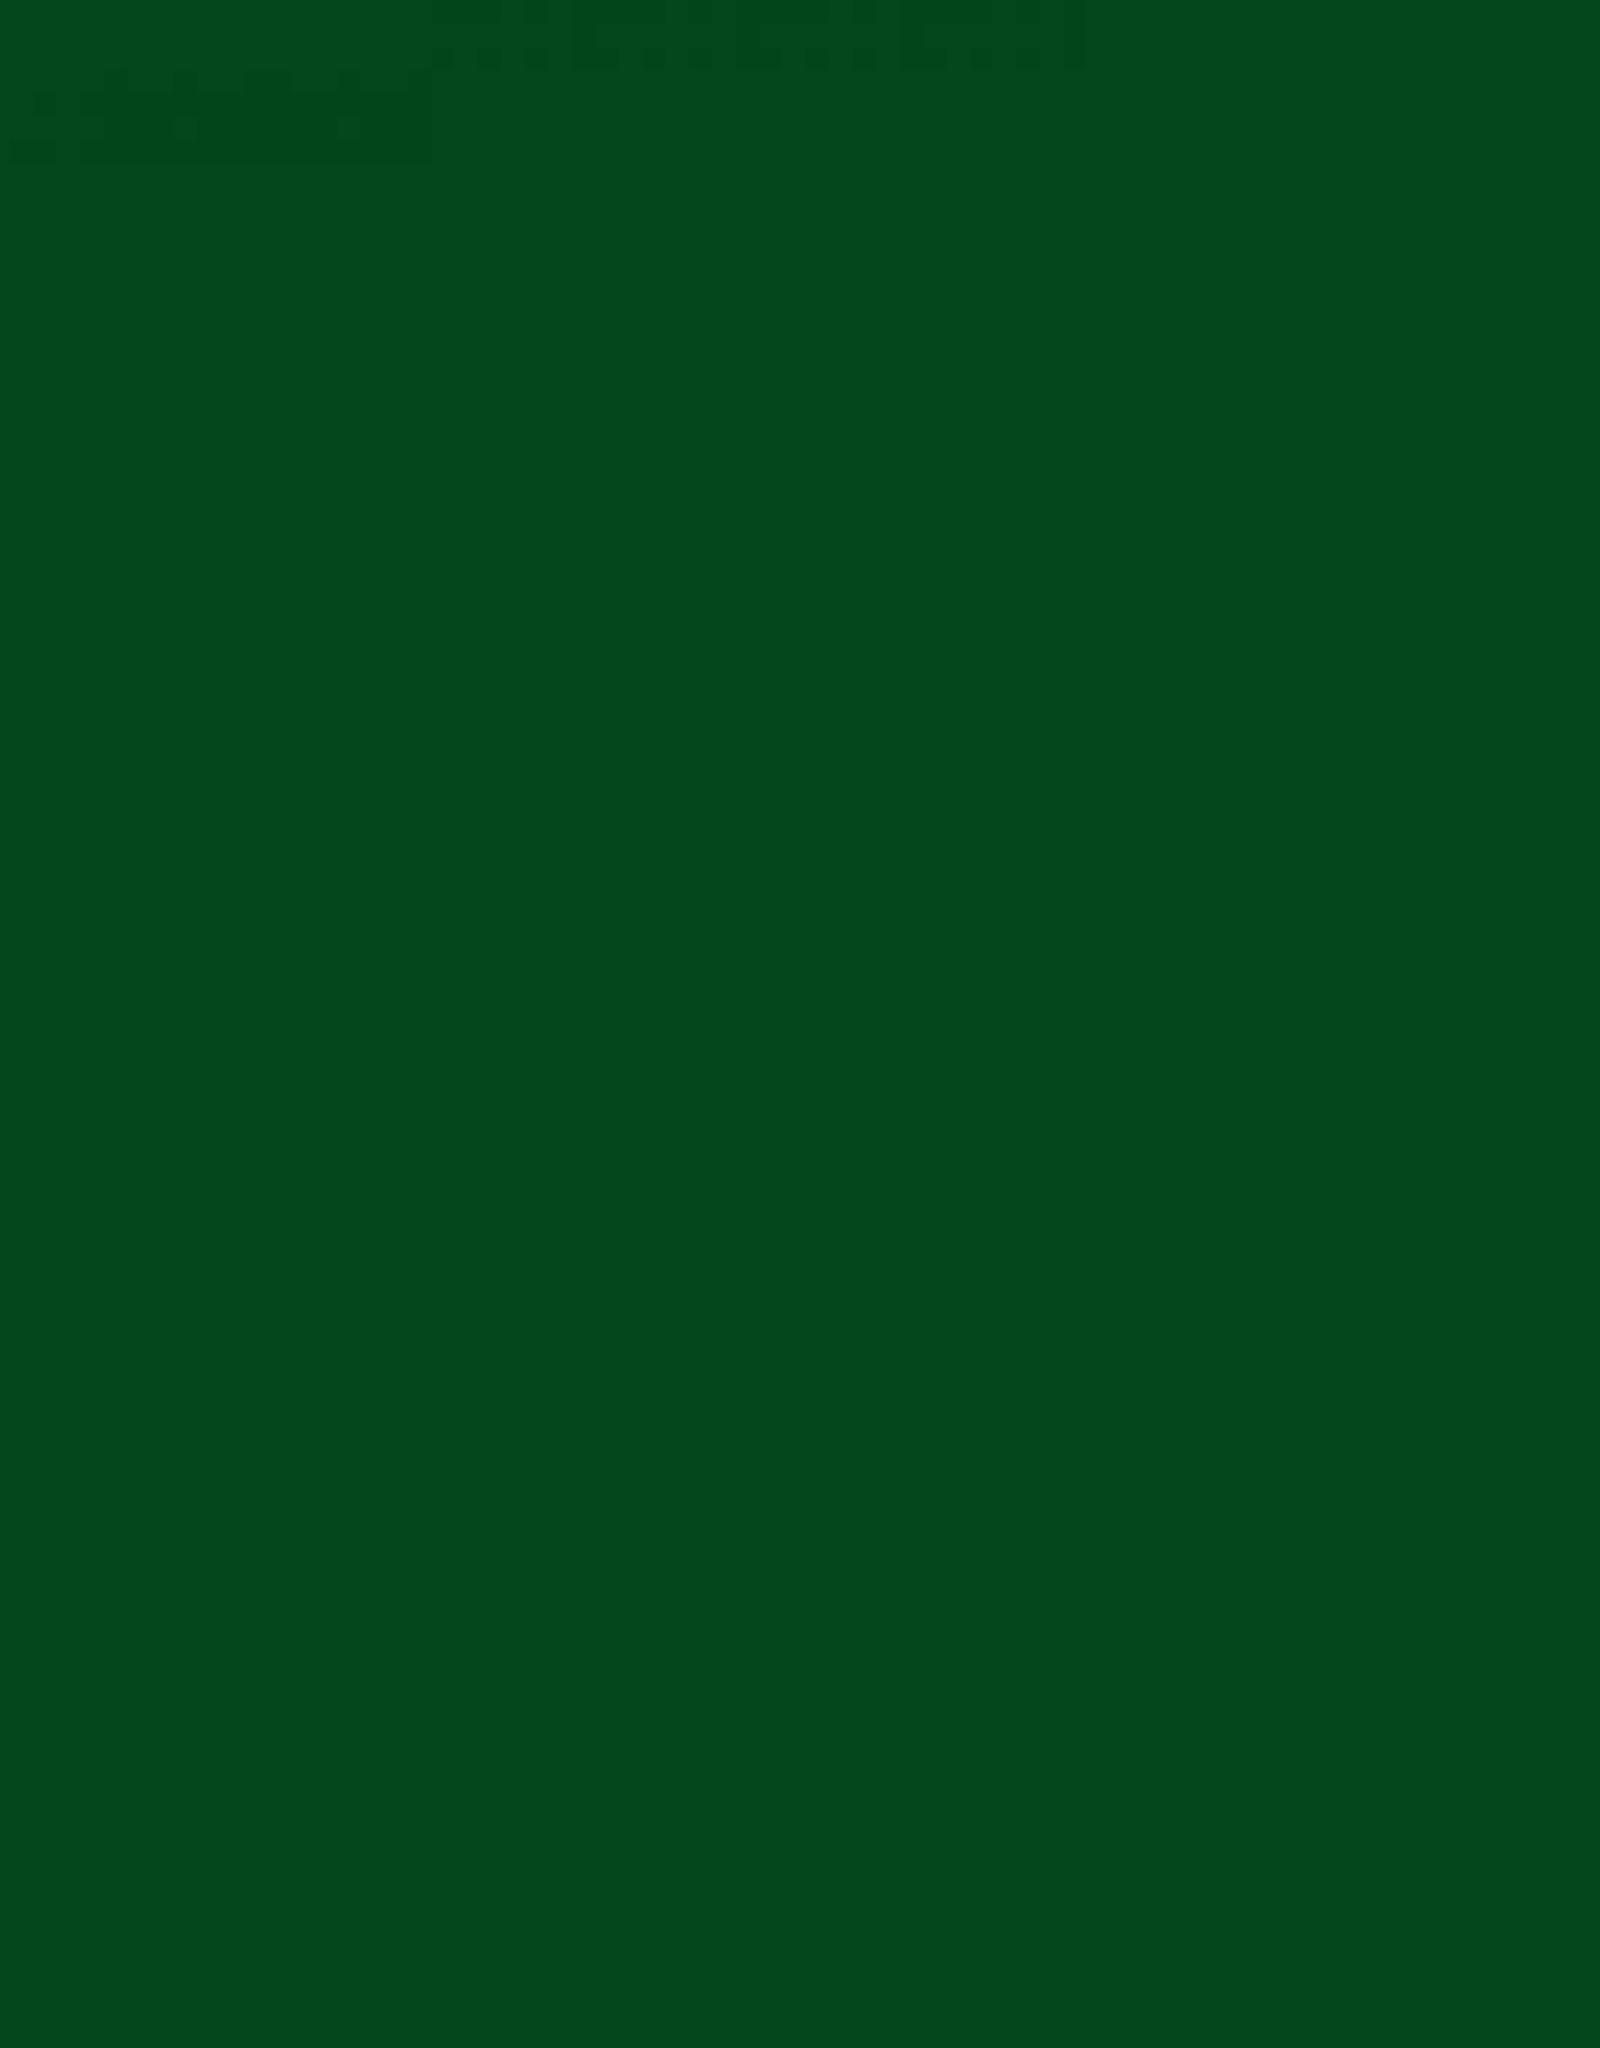 Siser Flockfolie Green